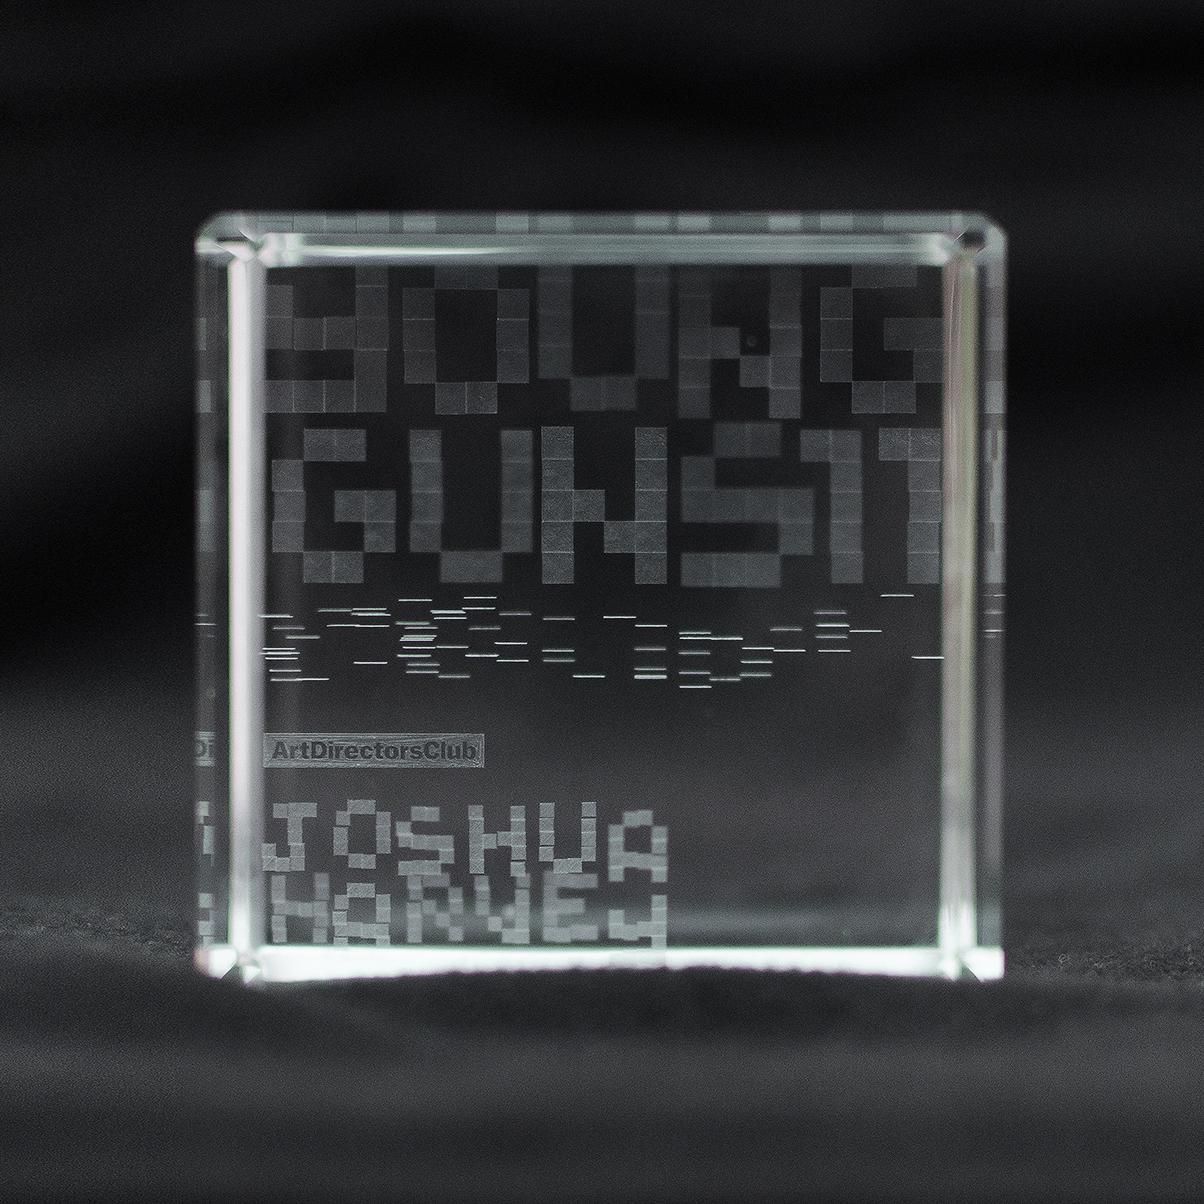 2013 ADC Young Guns 11 Award